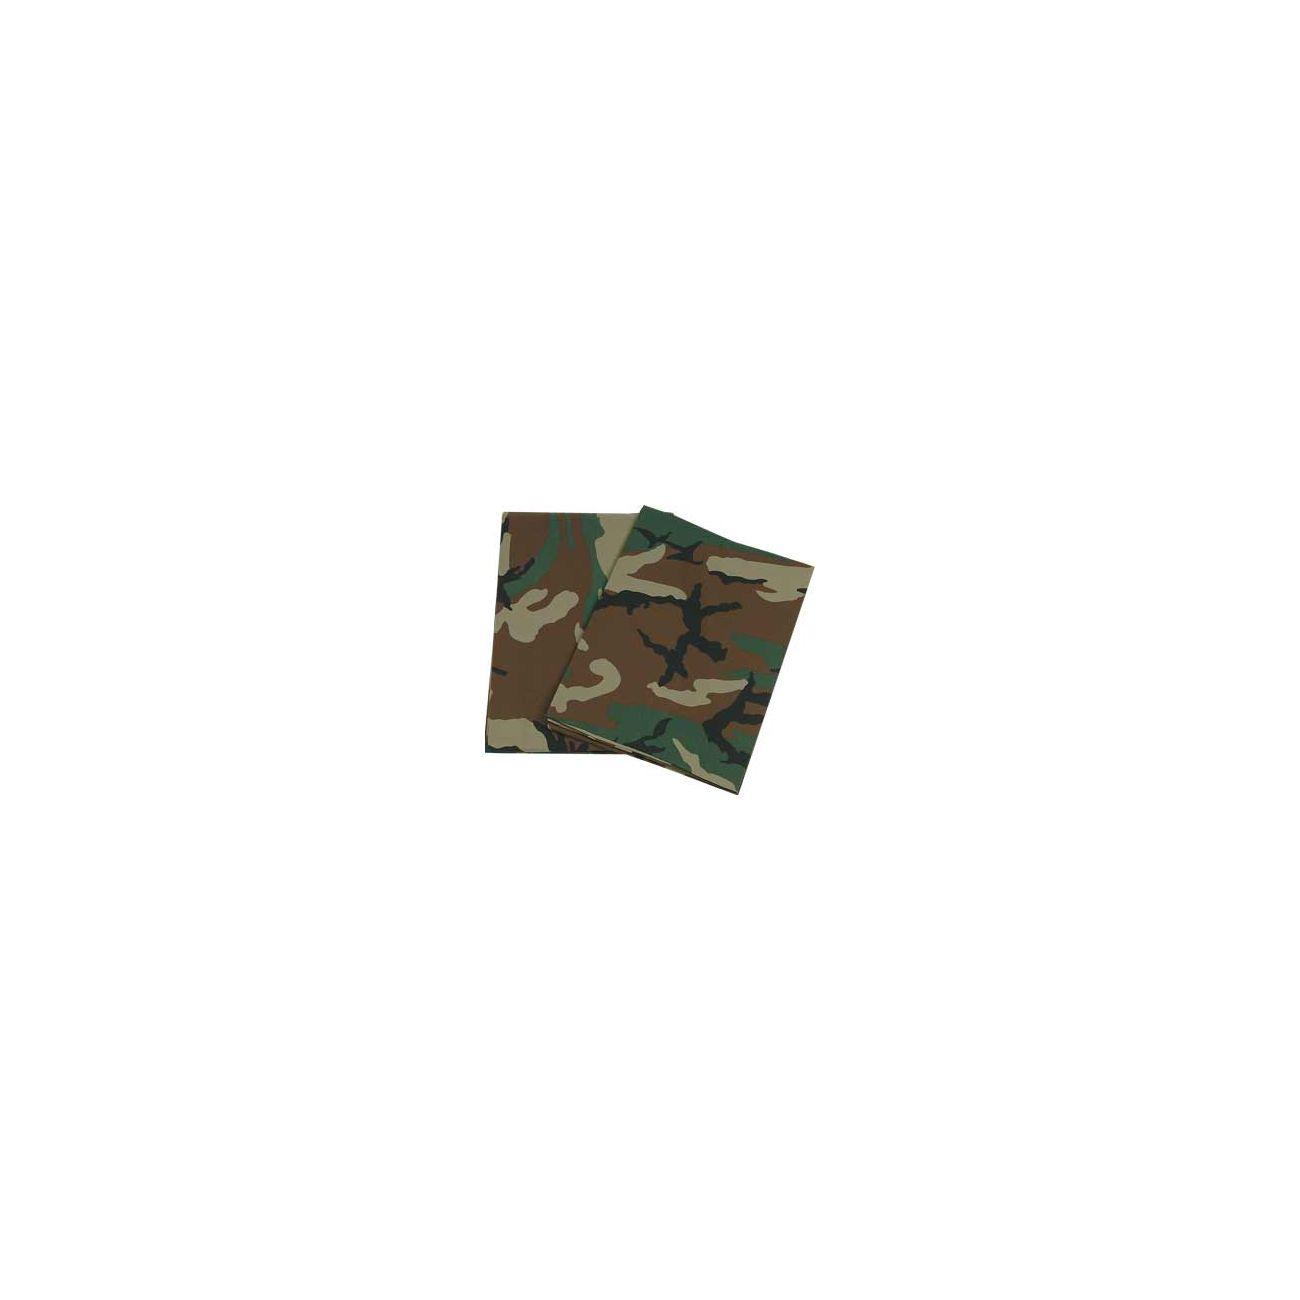 Mil Tec Militärbettwäsche Woodland Günstig Kaufen Kotte Zeller